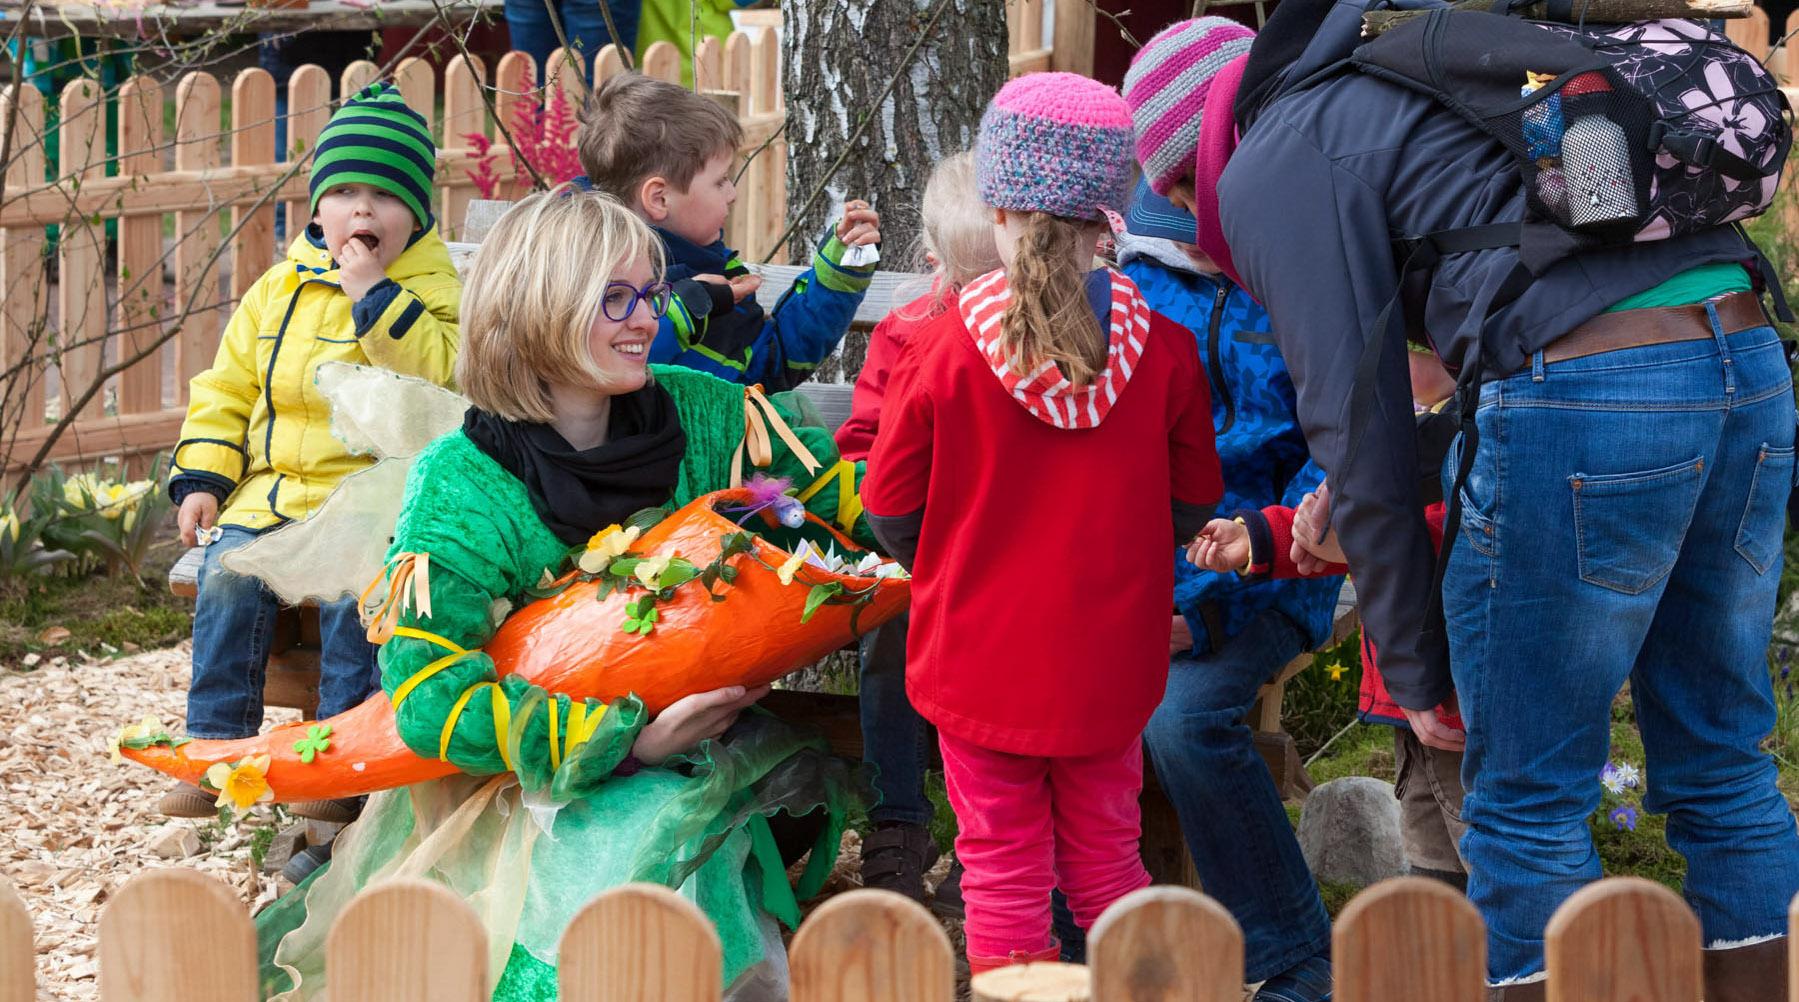 Die Frischlinge hielten sich bedeckt. Dafür durften die Besucher des Frischlingsfestes den Erlebniswald Trappenkamp von den Plattformen des gerade fertiggestellten Teamtowers neu entdecken